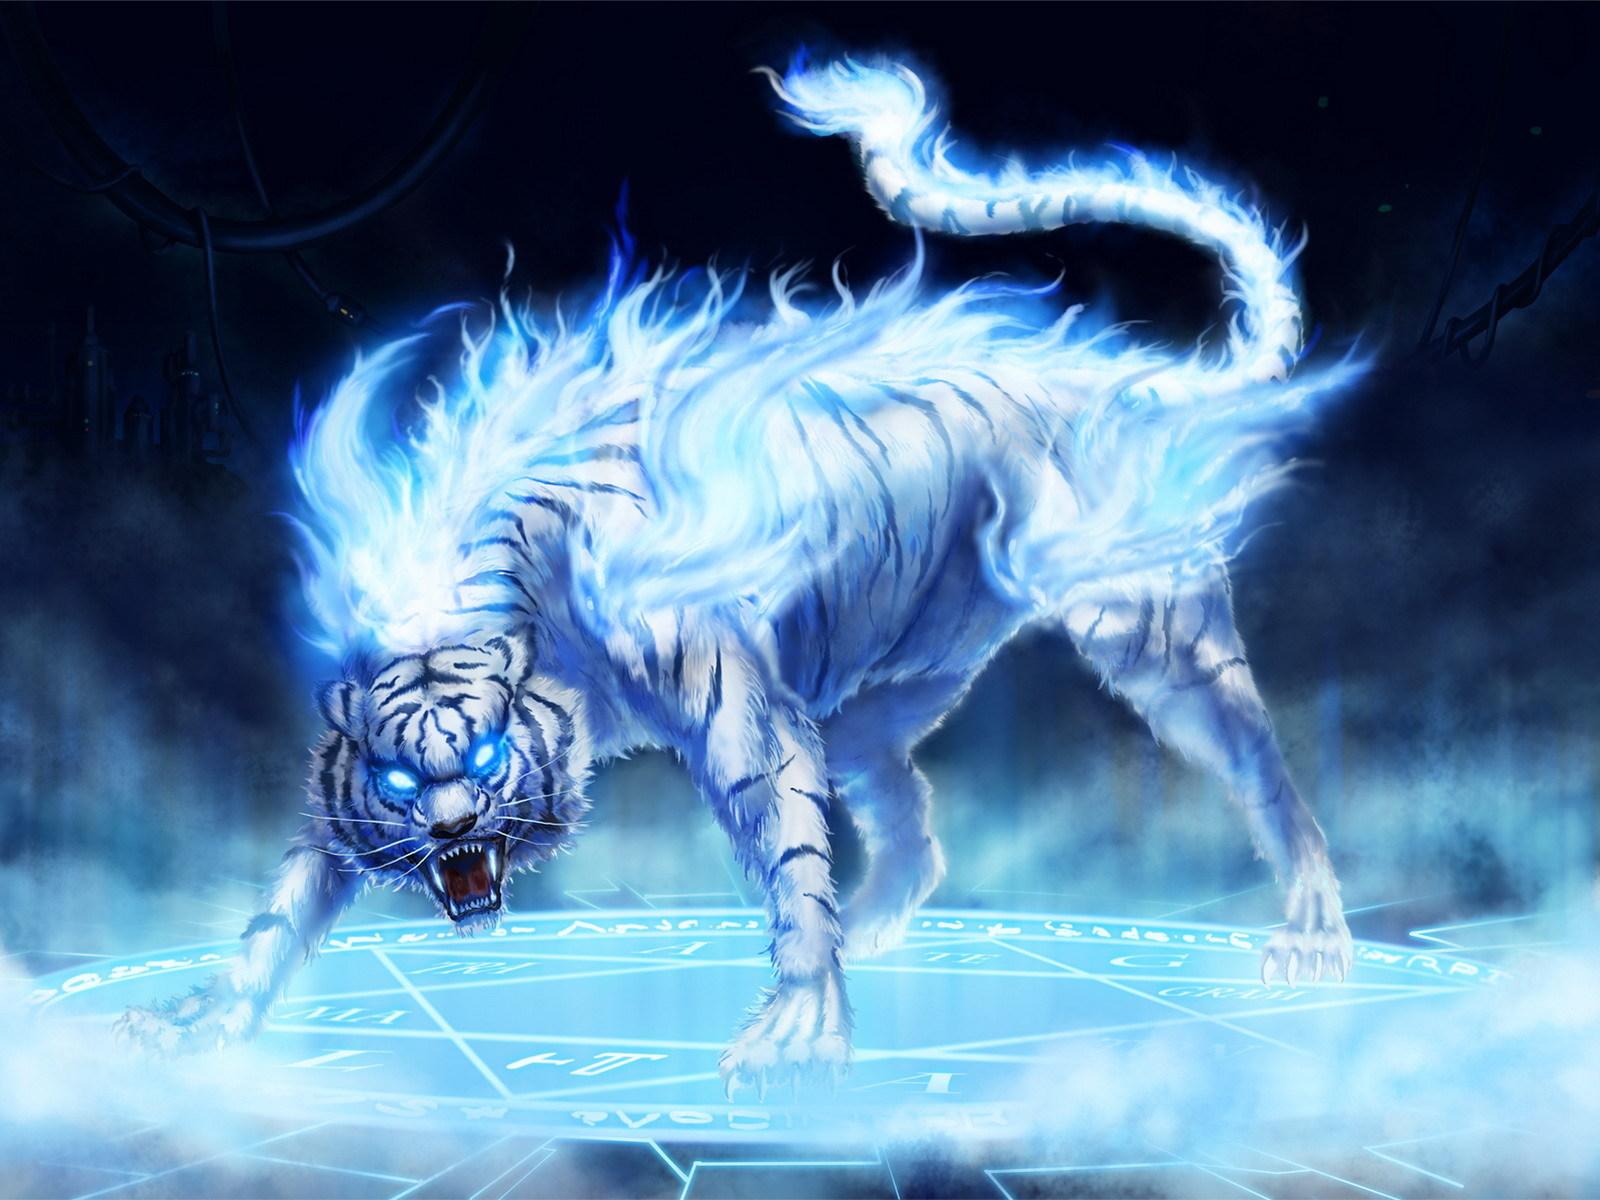 12323 Hintergrundbild herunterladen Tigers, Fantasie - Bildschirmschoner und Bilder kostenlos